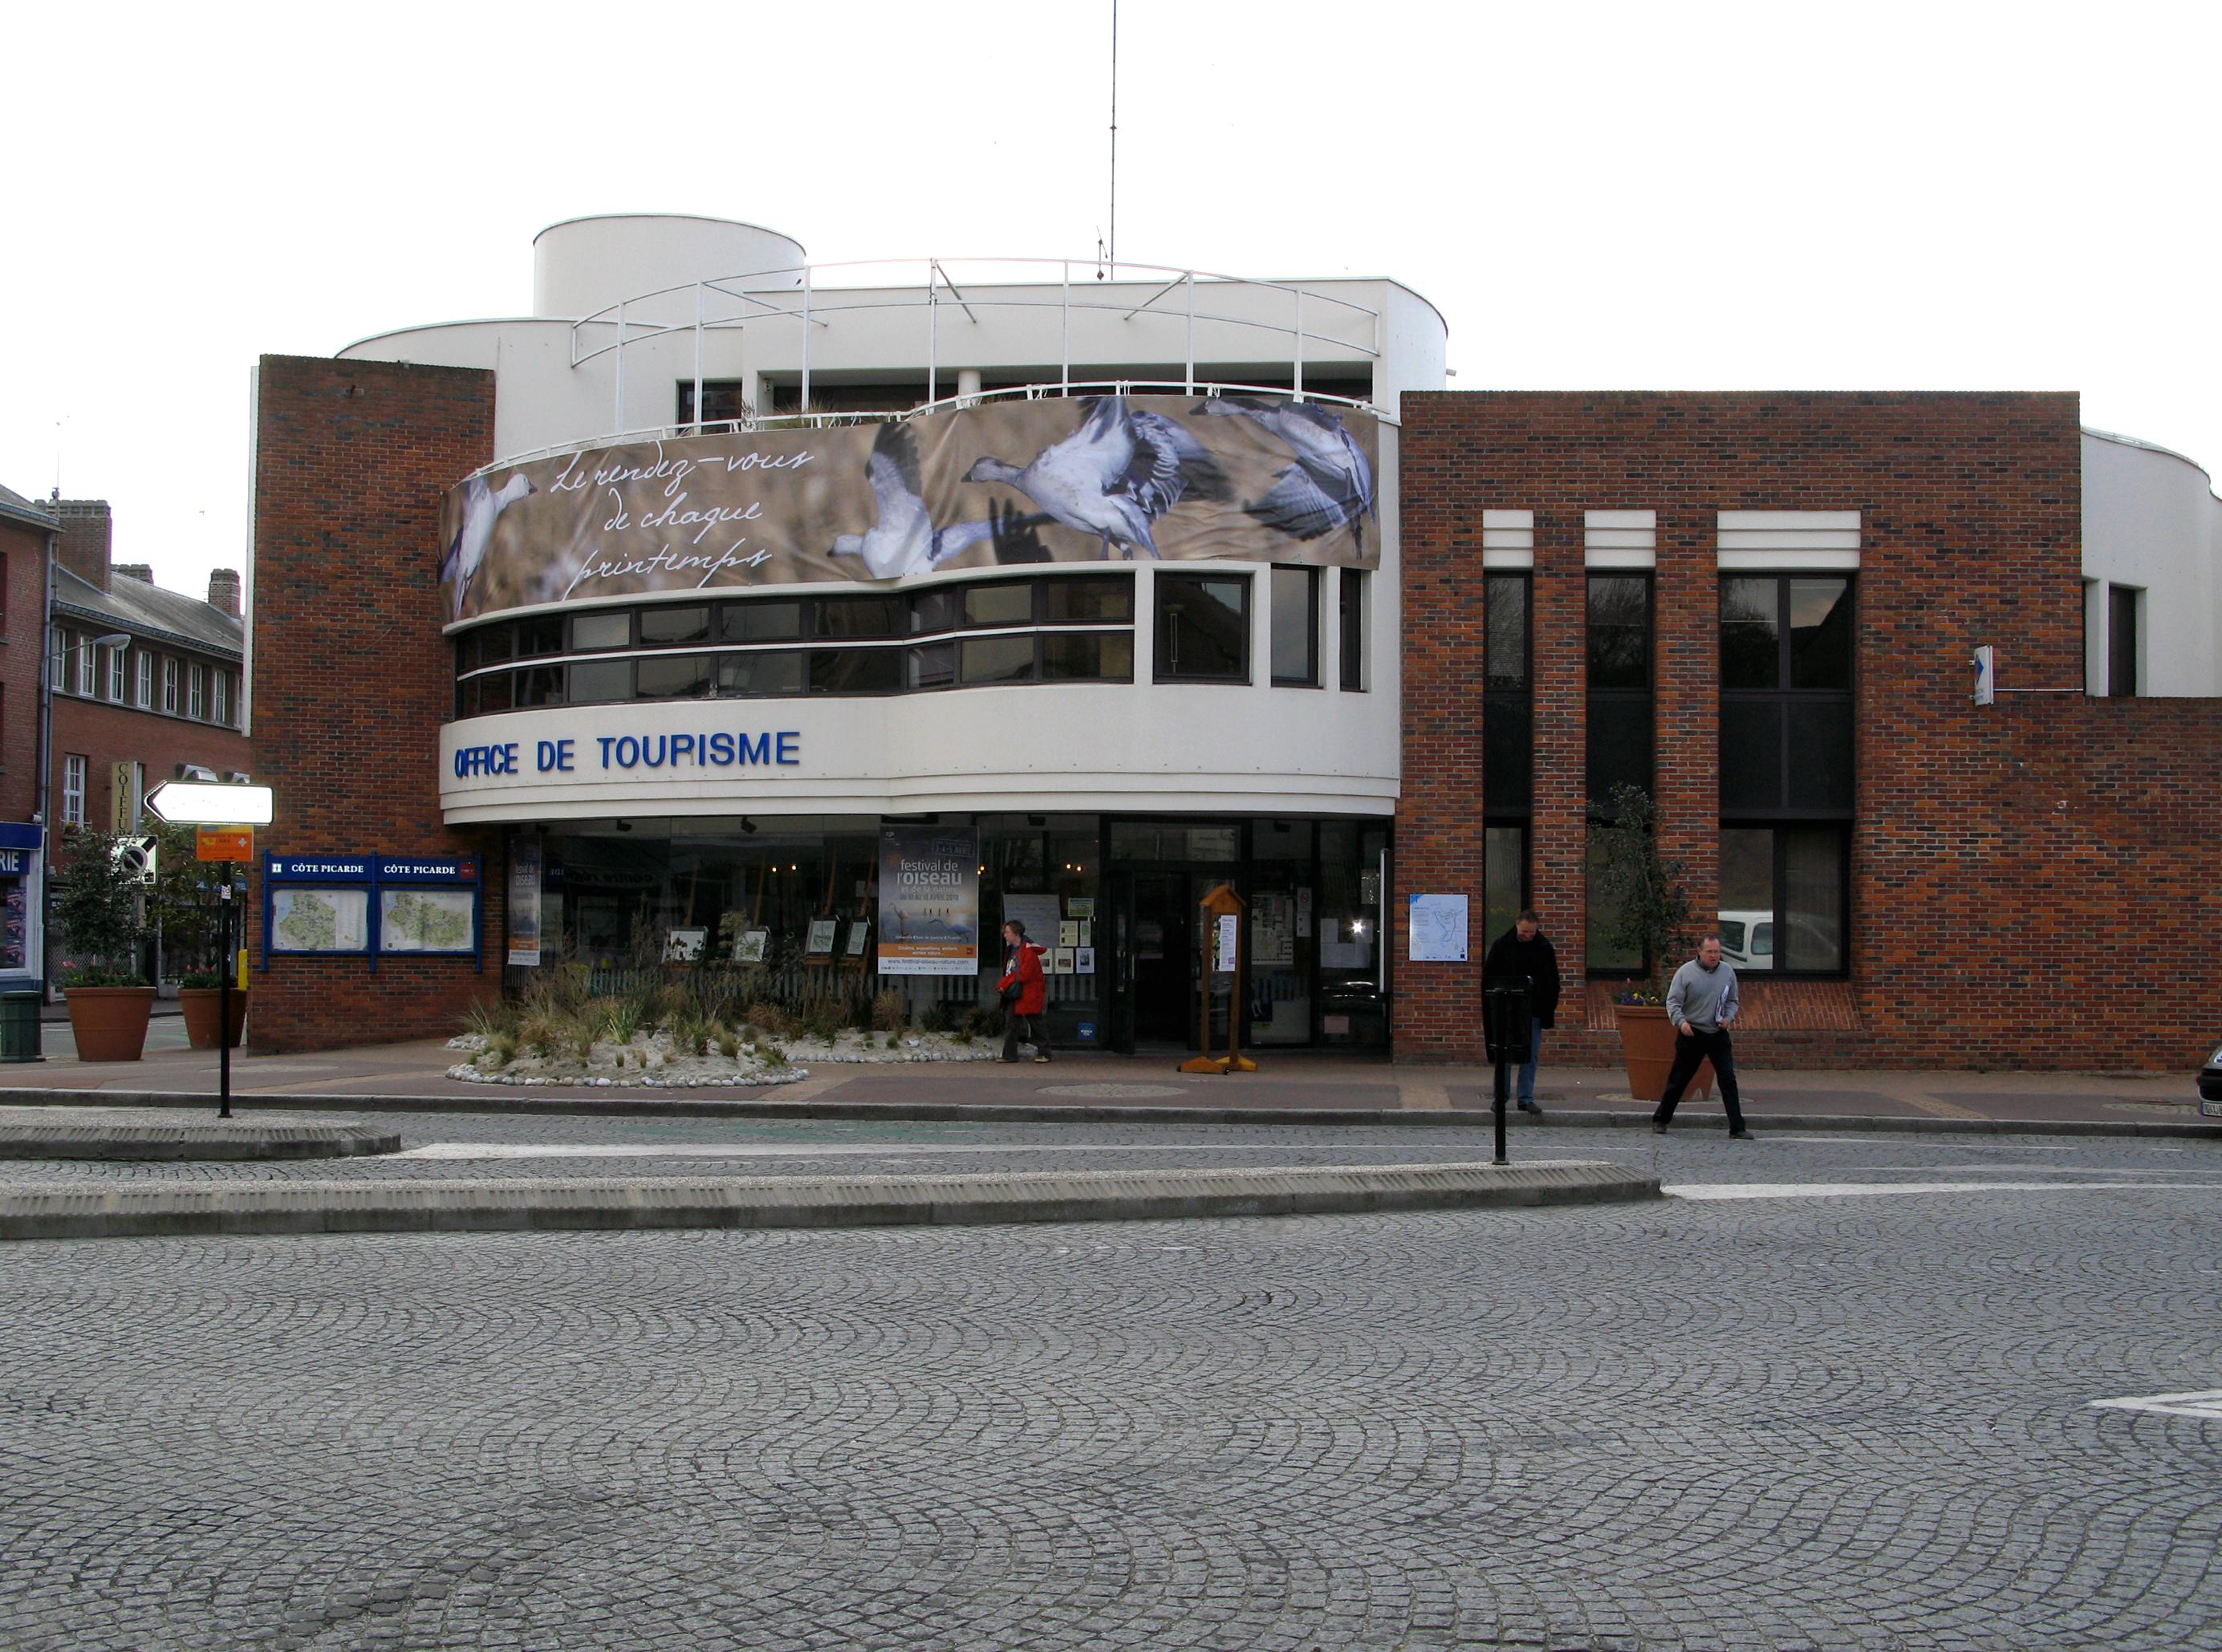 File abbeville office de tourisme wikimedia commons - Office tourisme abbeville ...